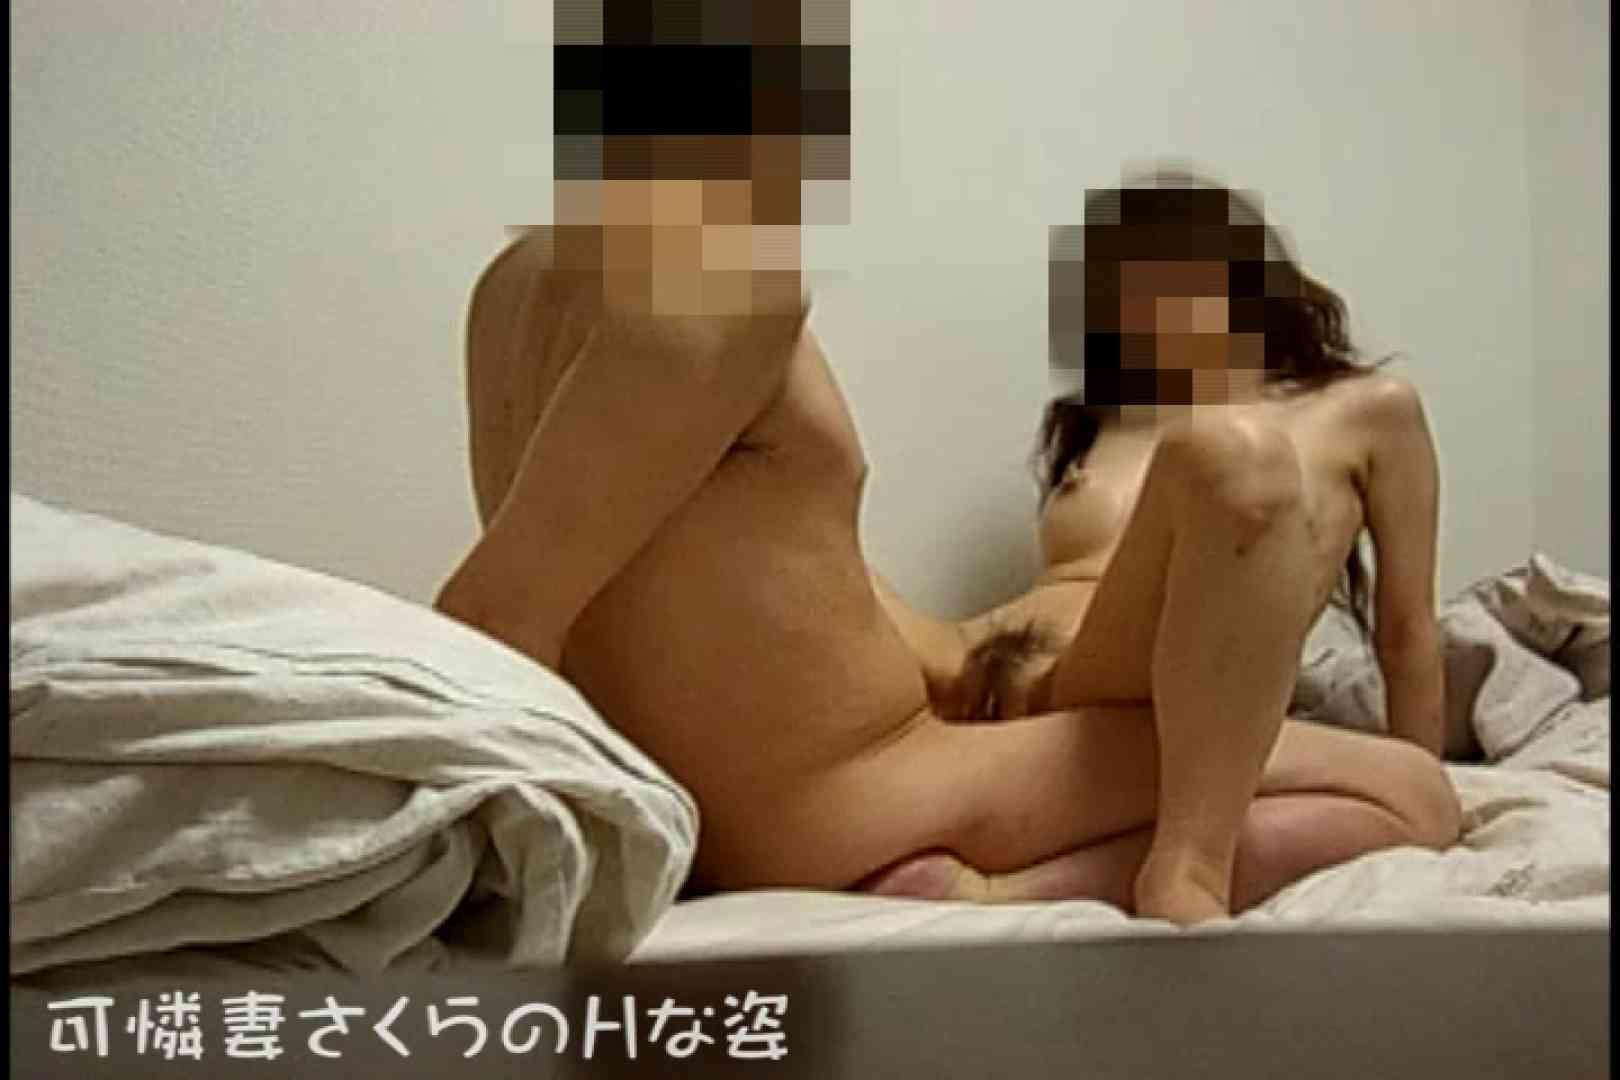 可憐妻さくらのHな姿vol.3 エッチなOL ワレメ無修正動画無料 83pic 22